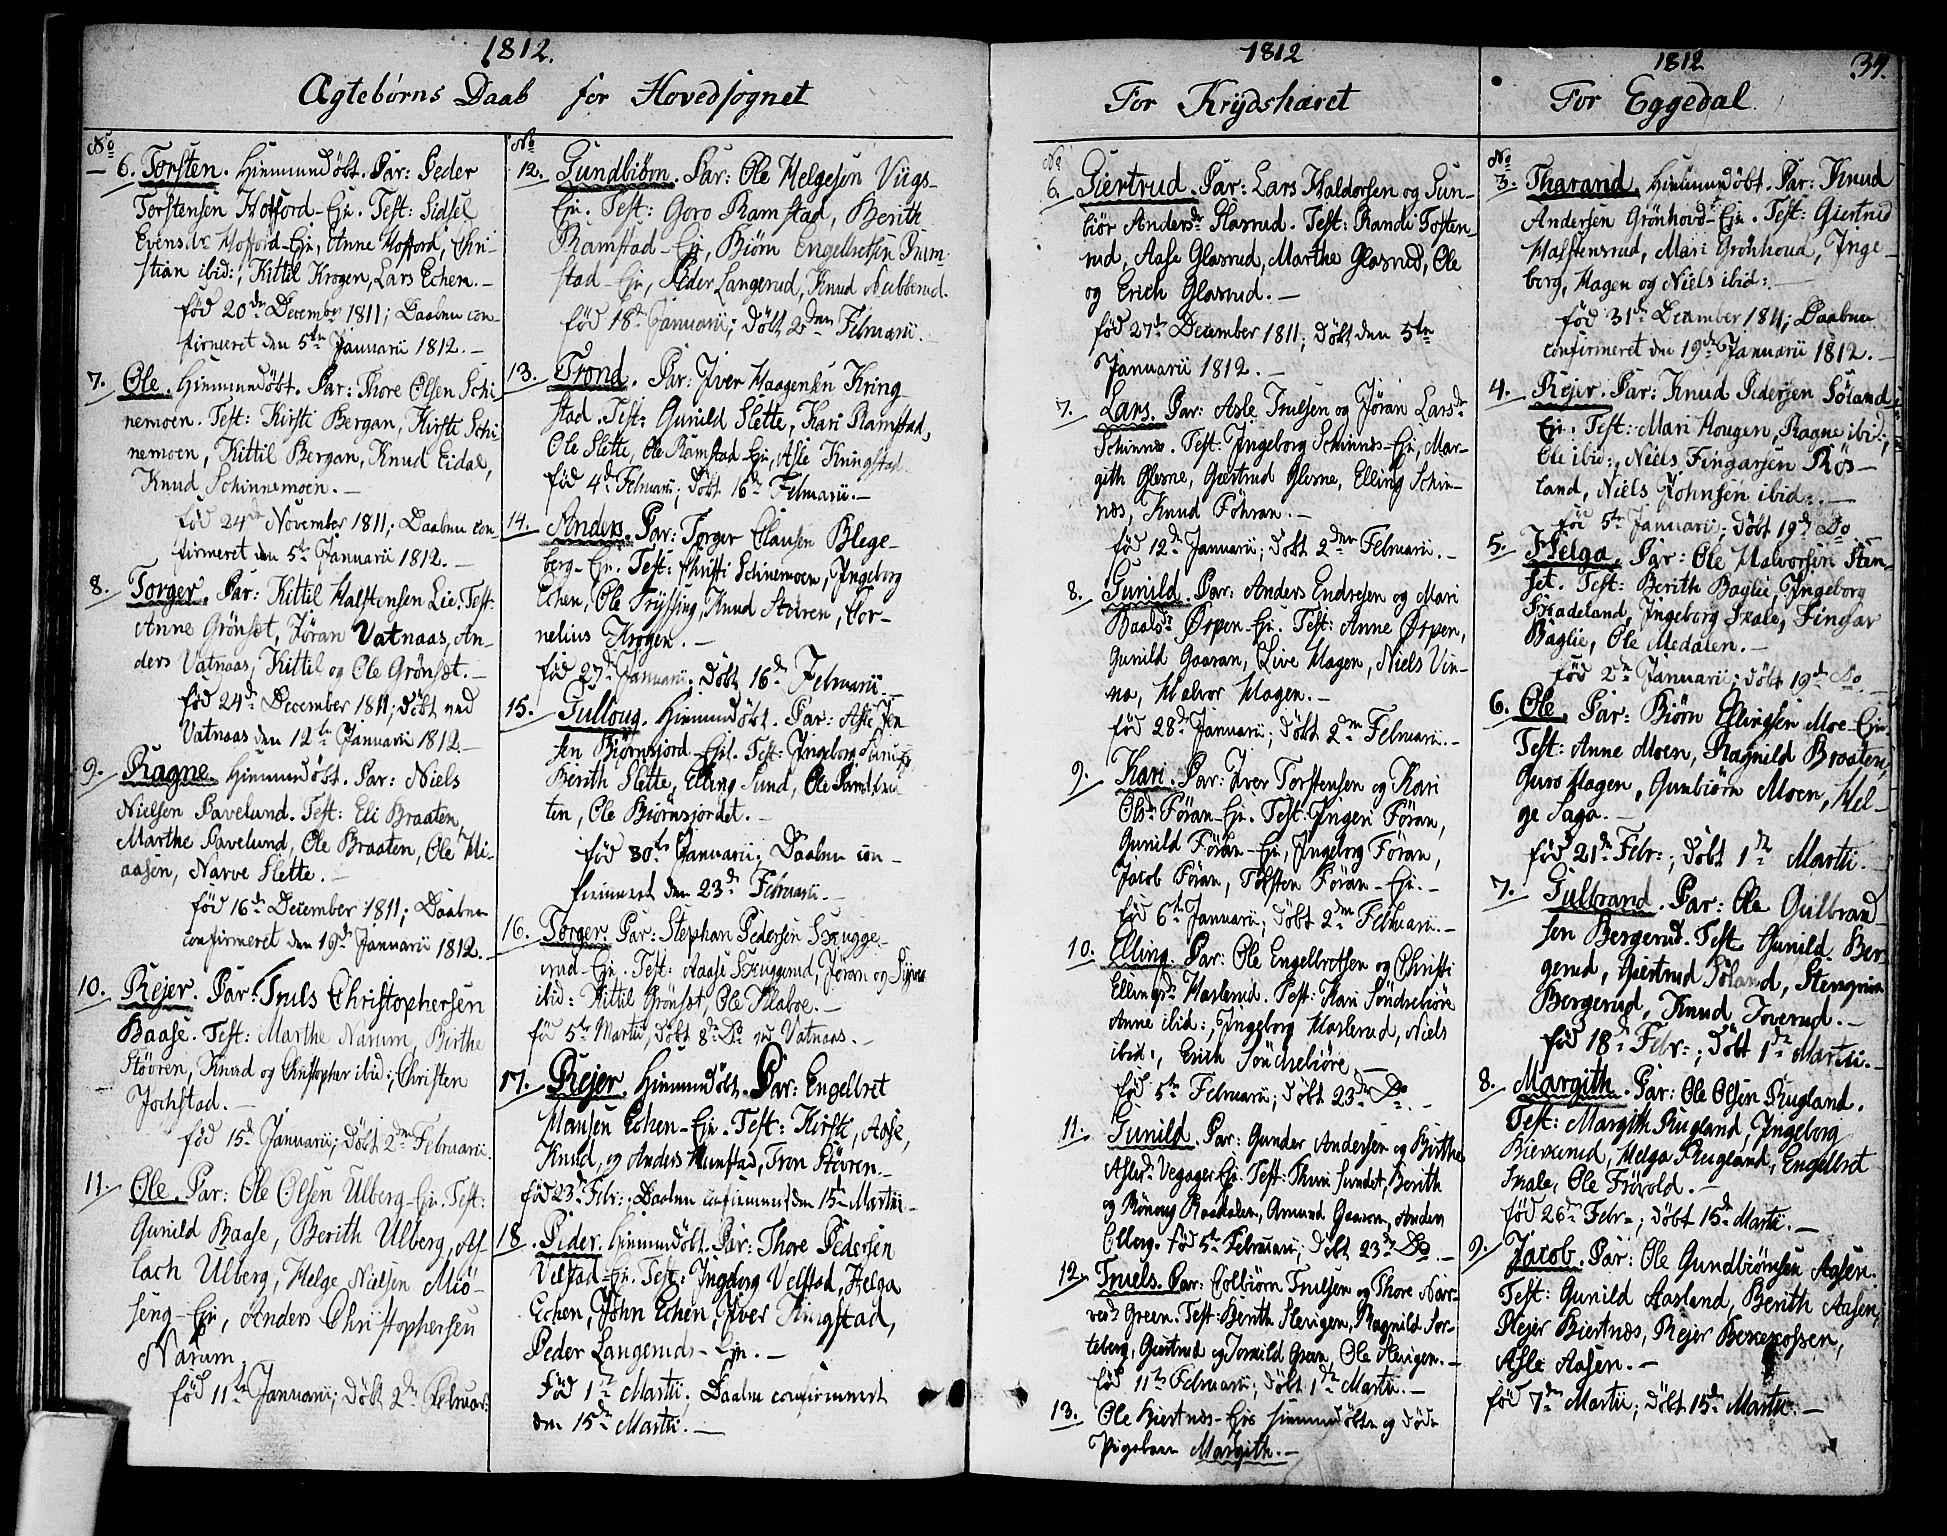 SAKO, Sigdal kirkebøker, F/Fa/L0004: Ministerialbok nr. I 4, 1812-1815, s. 34